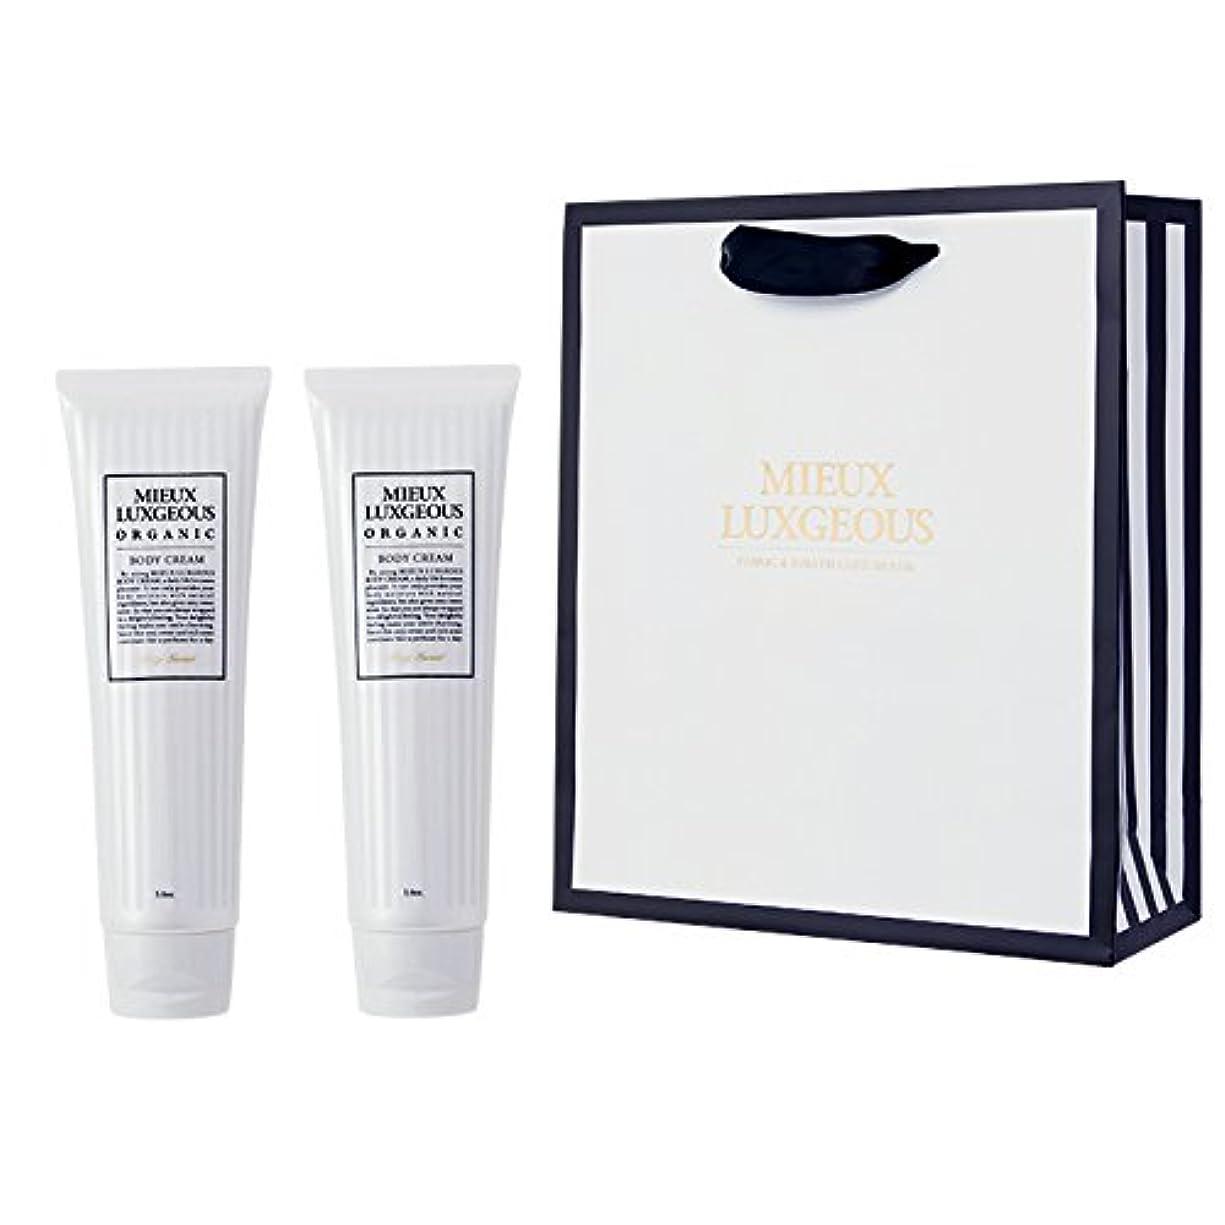 間に合わせ期待クスクスミューラグジャス Body Cream 2本set with Paperbag02